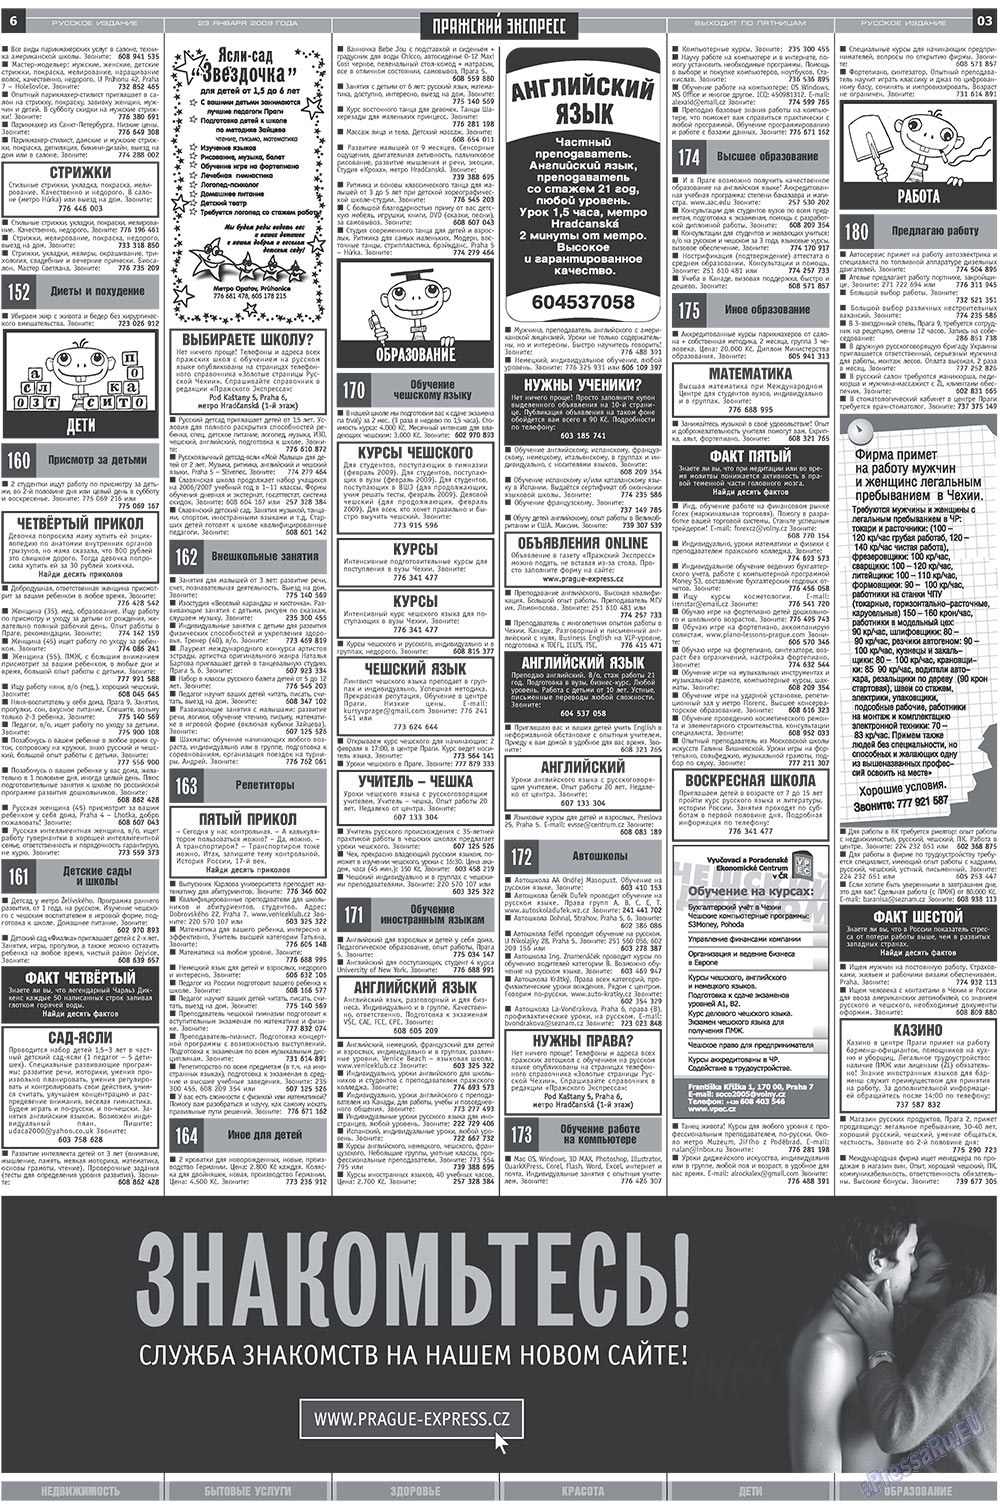 Пражский экспресс (газета). 2009 год, номер 3, стр. 6